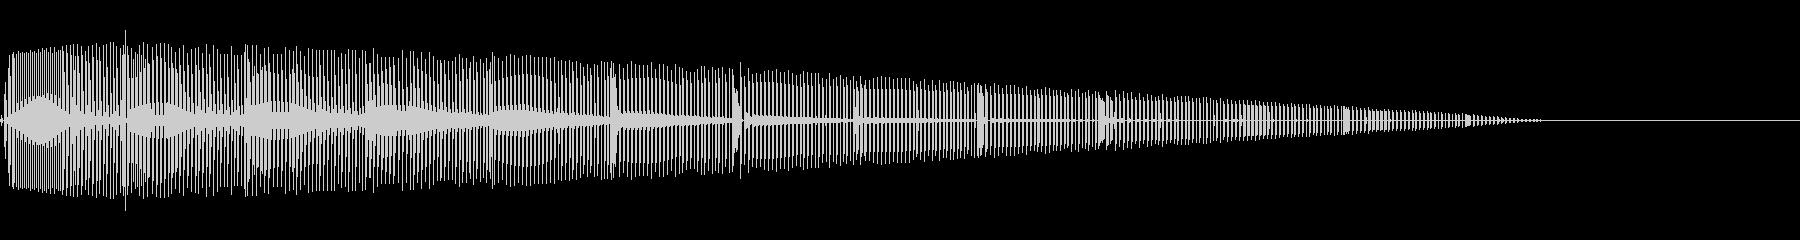 ピロロロ(エラー/ファミコン/警告ブザーの未再生の波形